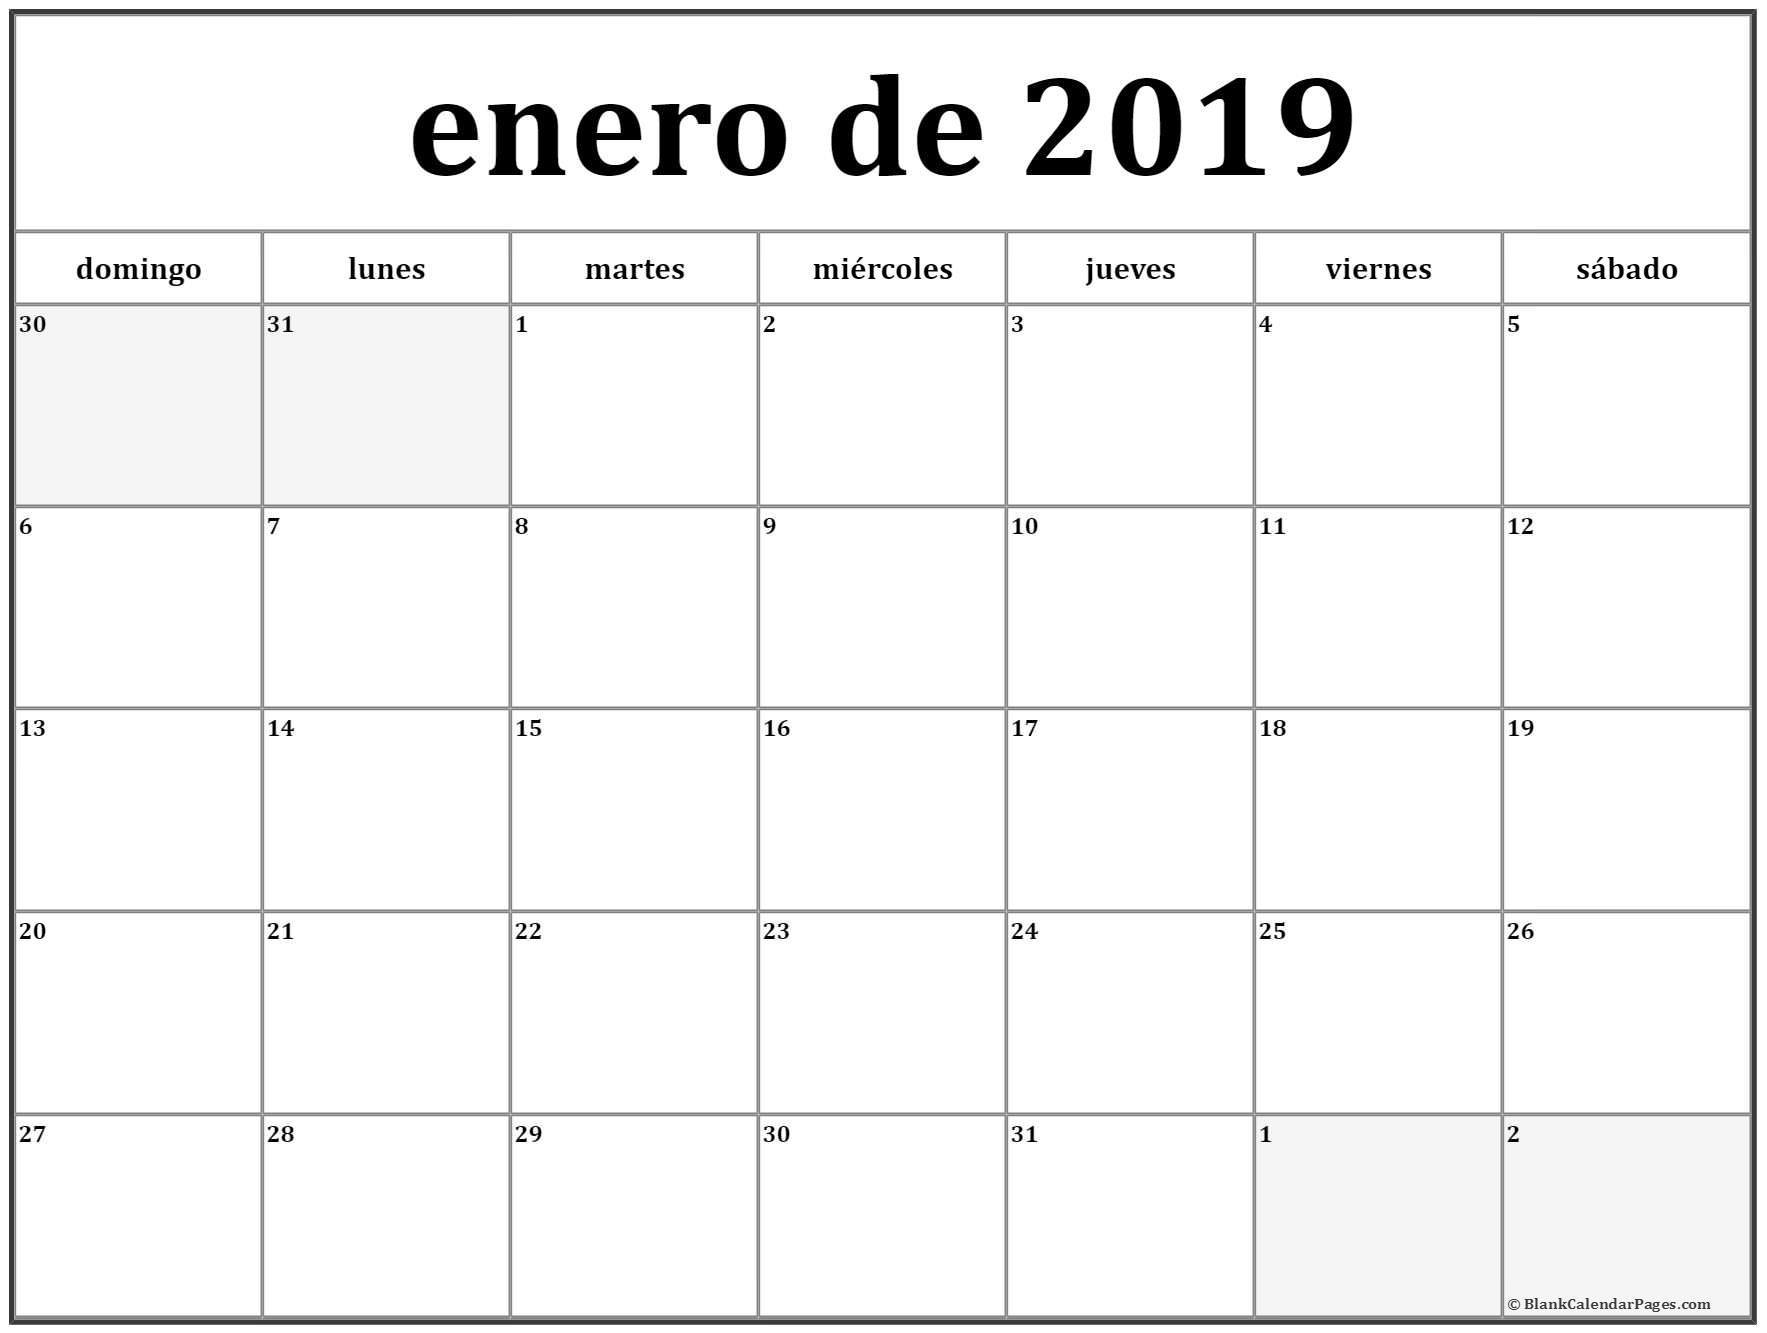 calendario 2019 para imprimir con festivos espana mejores y mas novedosos best calendario del mes de enero image collection of calendario 2019 para imprimir con festivos espana